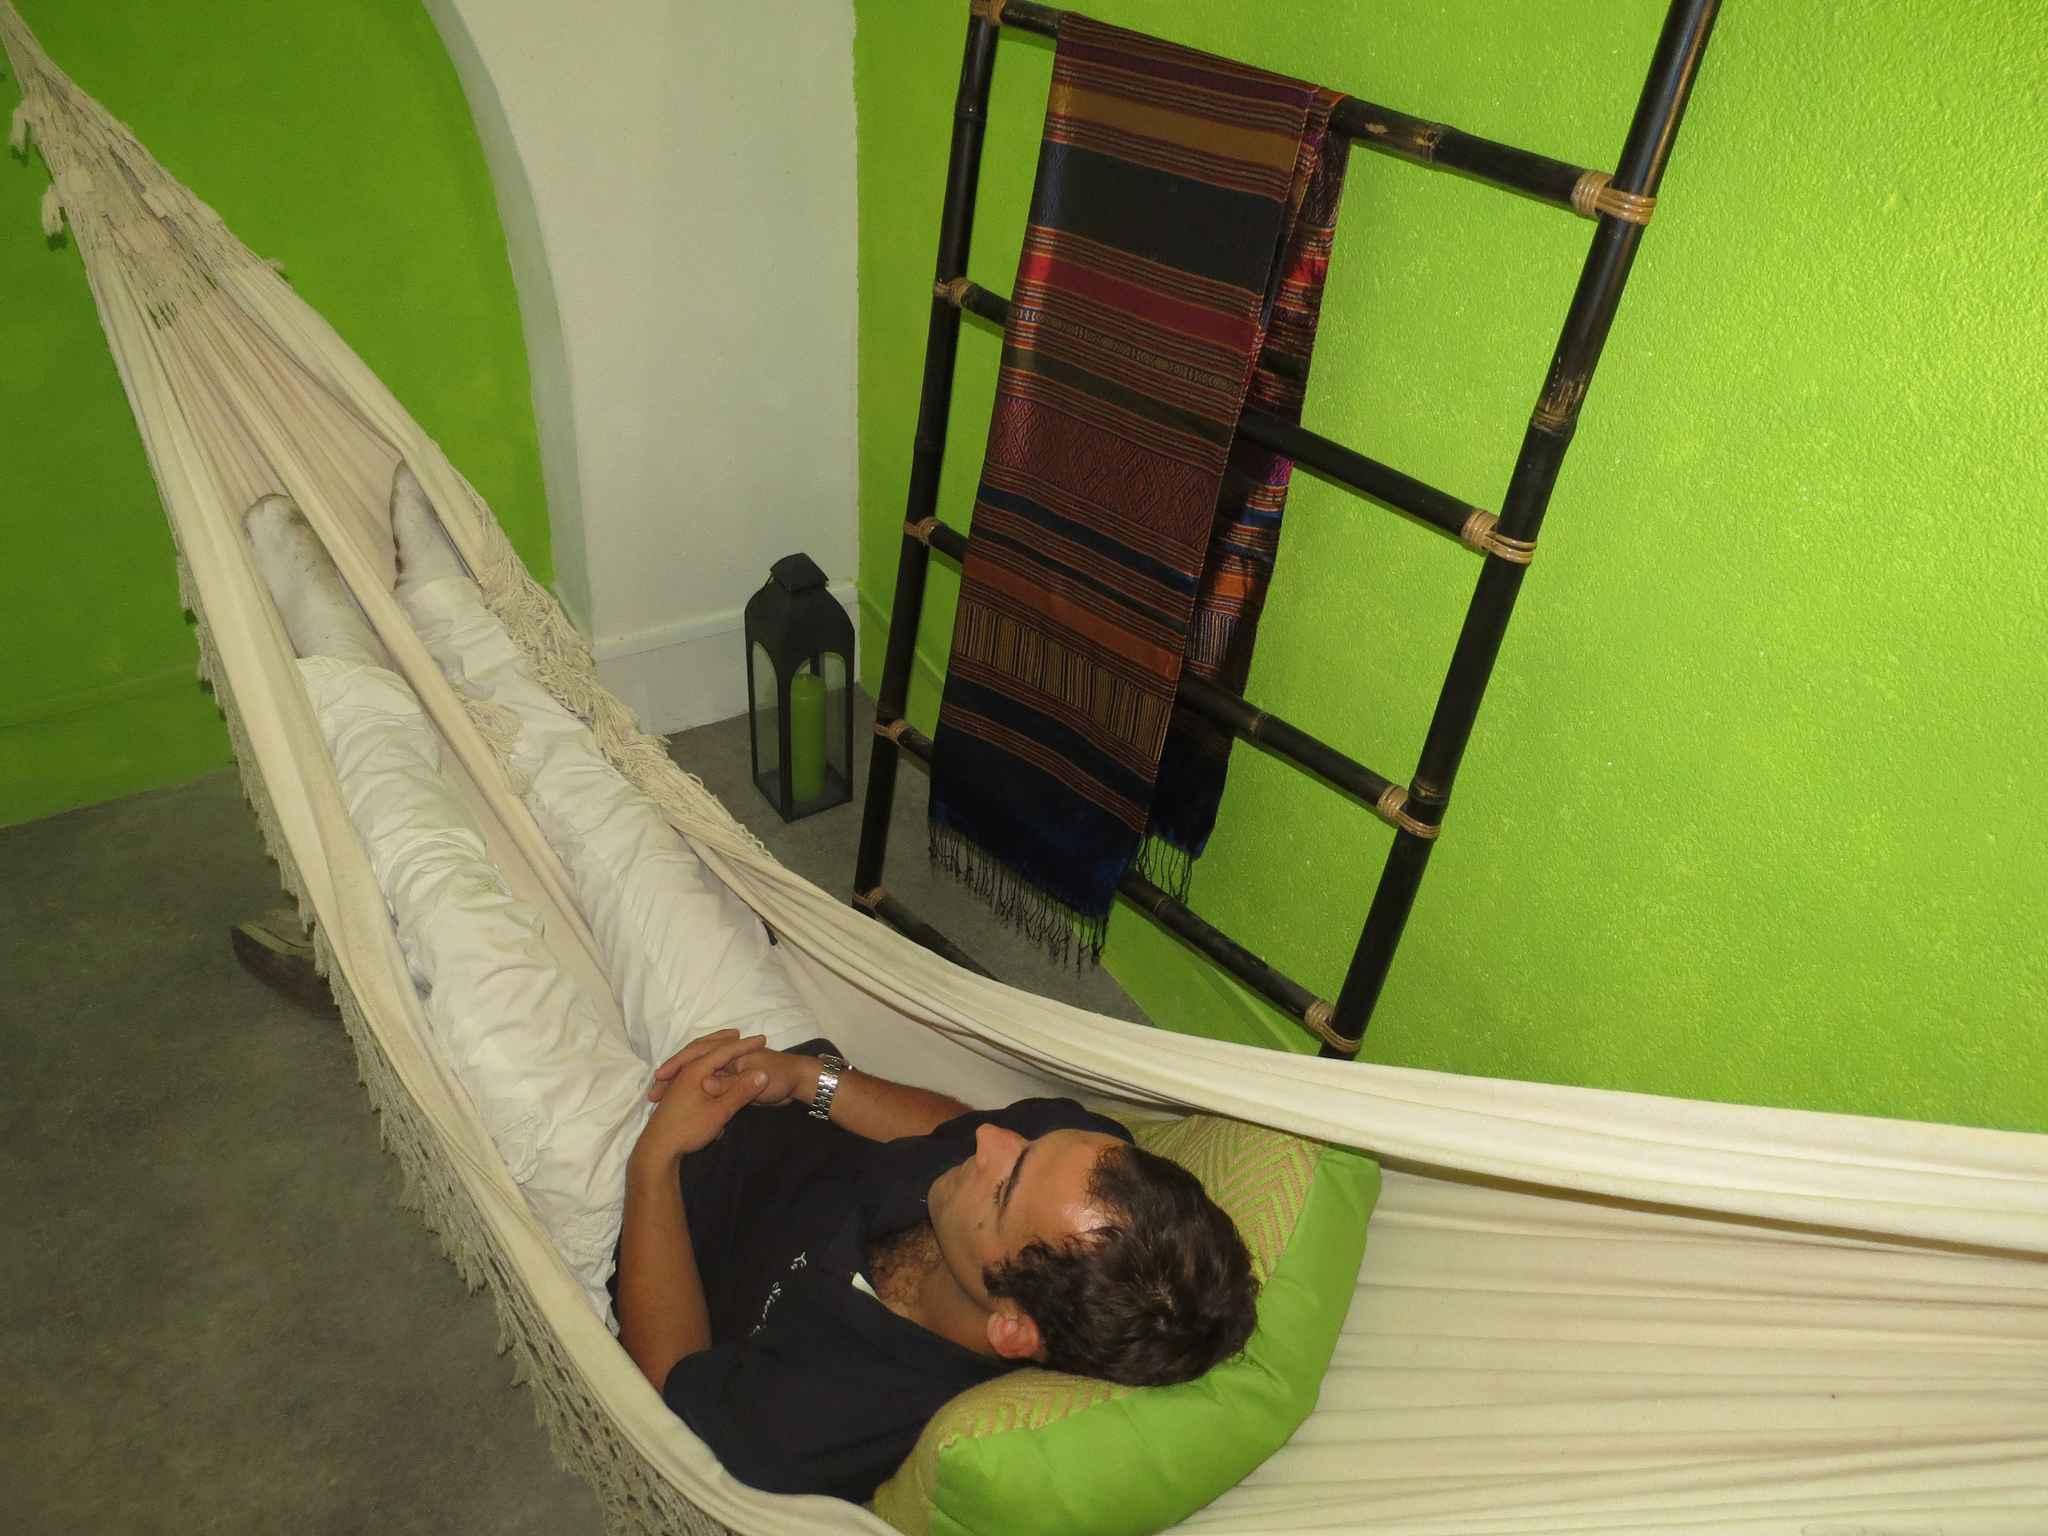 marseille un restaurant propose de faire une sieste. Black Bedroom Furniture Sets. Home Design Ideas